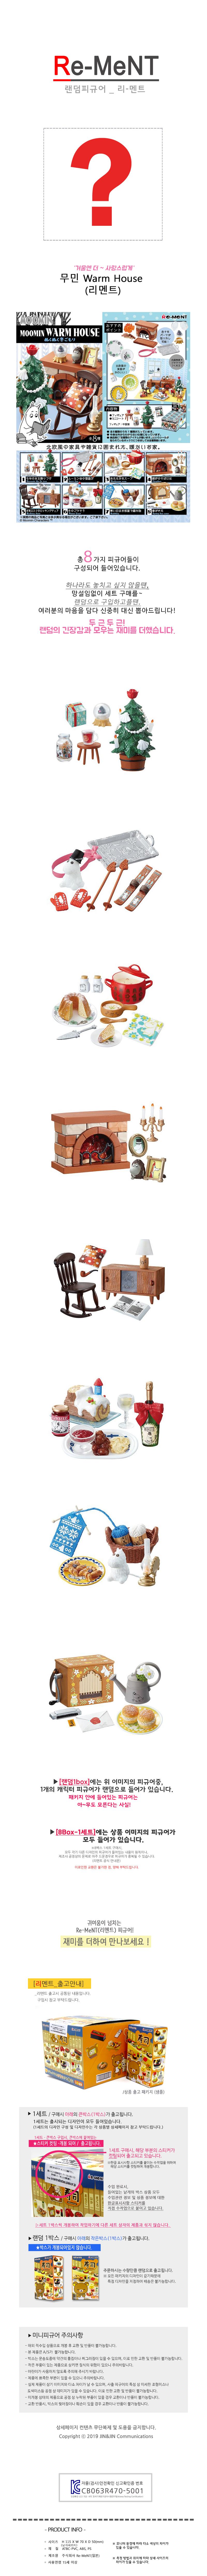 Re-ment_무민 Warm House(랜덤1박스)7,800원-바이토리키덜트/취미, 피규어, 캐릭터 피규어, 리멘트/식완바보사랑Re-ment_무민 Warm House(랜덤1박스)7,800원-바이토리키덜트/취미, 피규어, 캐릭터 피규어, 리멘트/식완바보사랑